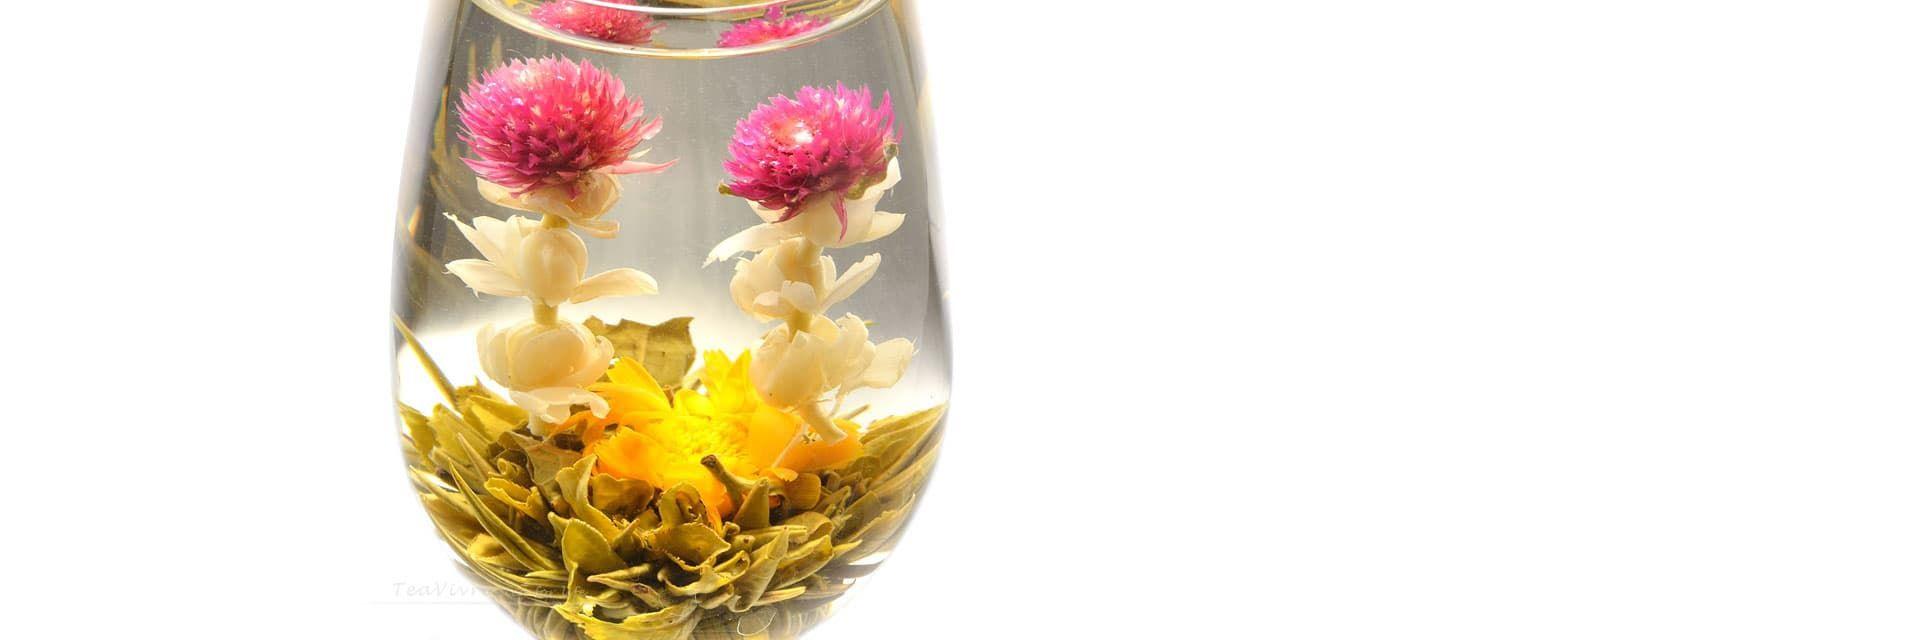 Lovely blooming tea true love flowering tea true love flower tea 2 mightylinksfo